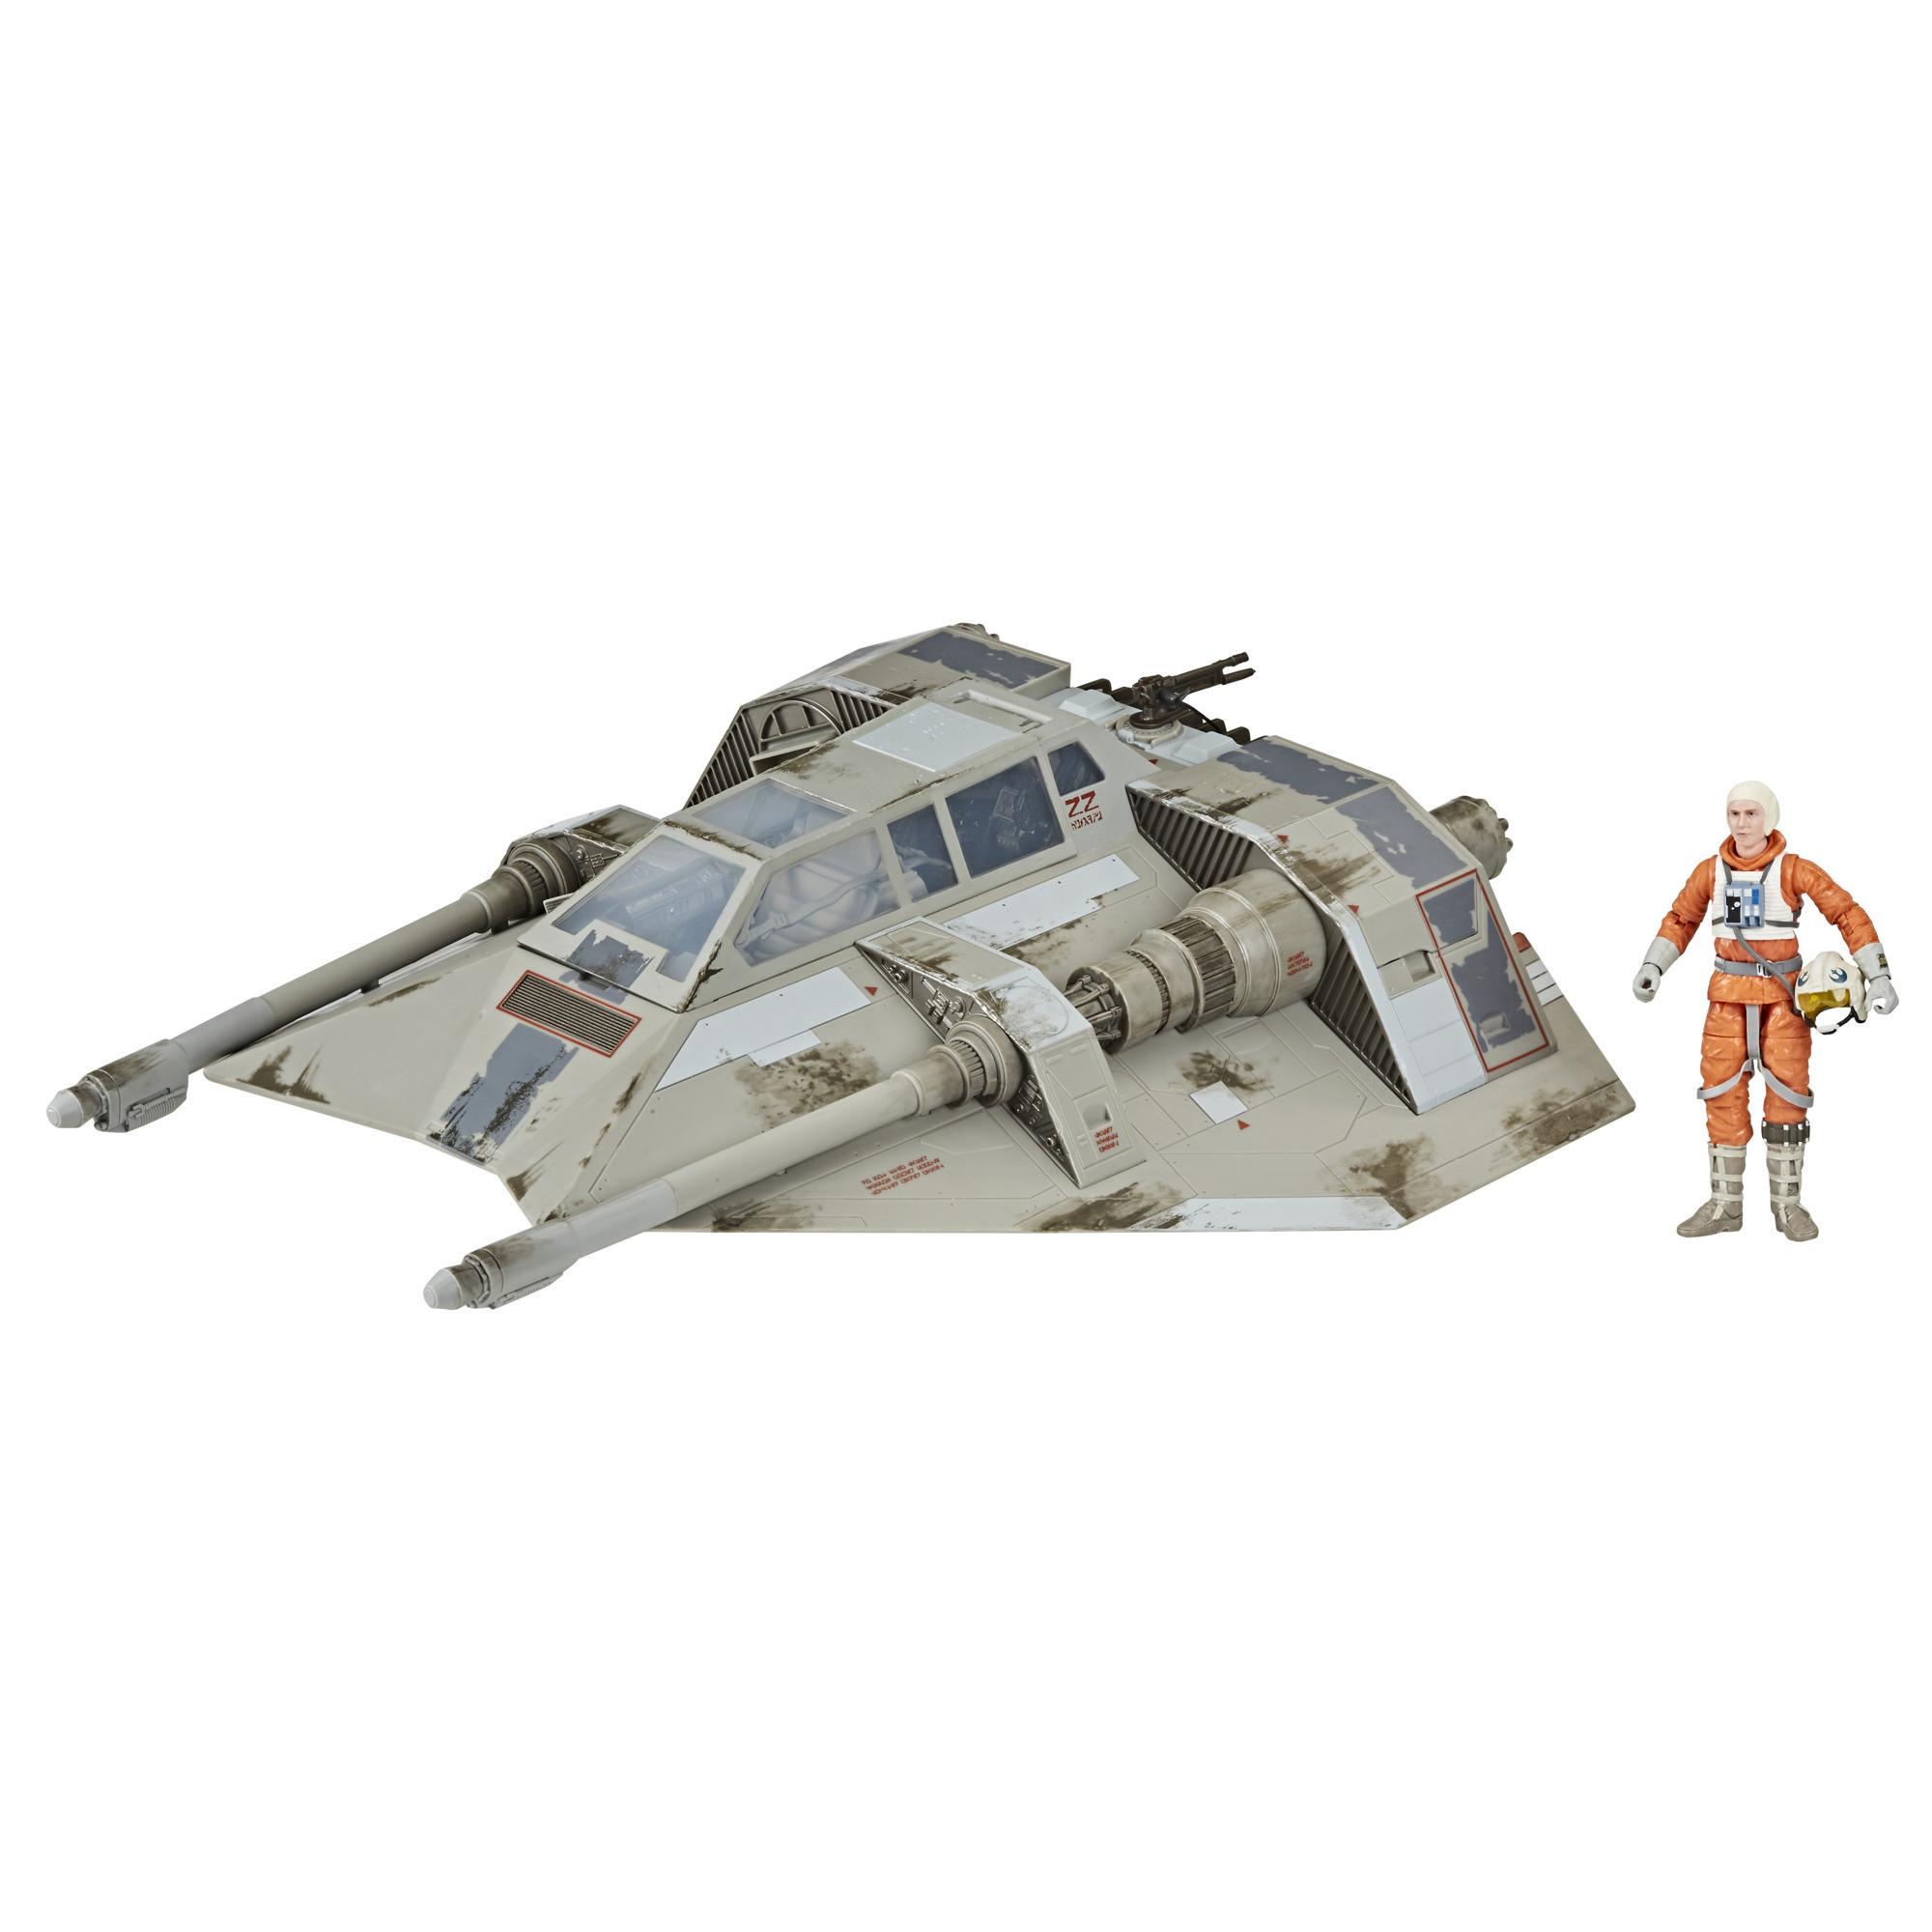 Star Wars The Black Series Snowspeeder, Dak Ralter Figur, 15 cm große Star Wars: Das Imperium schlägt zurück Figuren